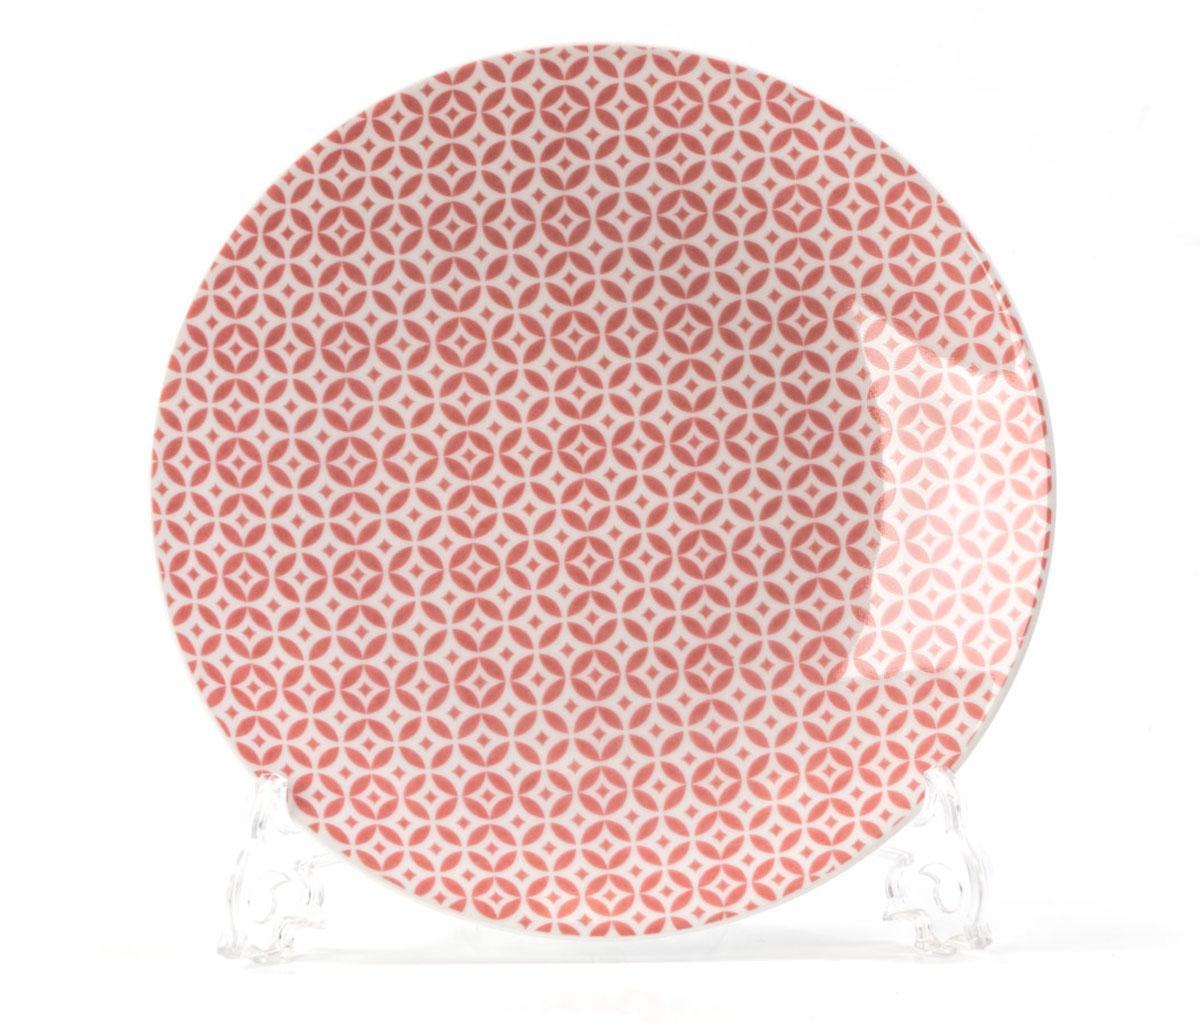 Тарелка La Rose des Sables Витон, цвет: розовый, диаметр 21 см720121 2278Тарелка La Rose des Sables Витон выполнена из высококачественного тунисского фарфора, изготовленного из уникальной белой глины. На всех изделиях La Rose des Sables можно увидеть маркировку Pate de Limoges. Это означает, что сырье для изготовления фарфора добывают во французской провинции Лимож, и качество соответствует высоким европейским стандартам. Все производство расположено в Тунисе.Особые свойства этой глины, открытые еще в 18 веке, позволяют создать удивительно тонкую, легкую и при этом прочную посуду. Благодаря двойному термическому обжигу фарфор обладает высокой ударопрочностью, стойкостью к сколам и трещинам, жаропрочностью и великолепным блеском глазури.Коллекция Витон - это изысканная классика, дополненная красивым орнаментом по всей поверхности. Эта фарфоровая посуда станет настоящим украшением вашего стола. Прекрасный вариант как для праздничной, так и для повседневной сервировки стола.Можно использовать в СВЧ печи и мыть в посудомоечной машине.